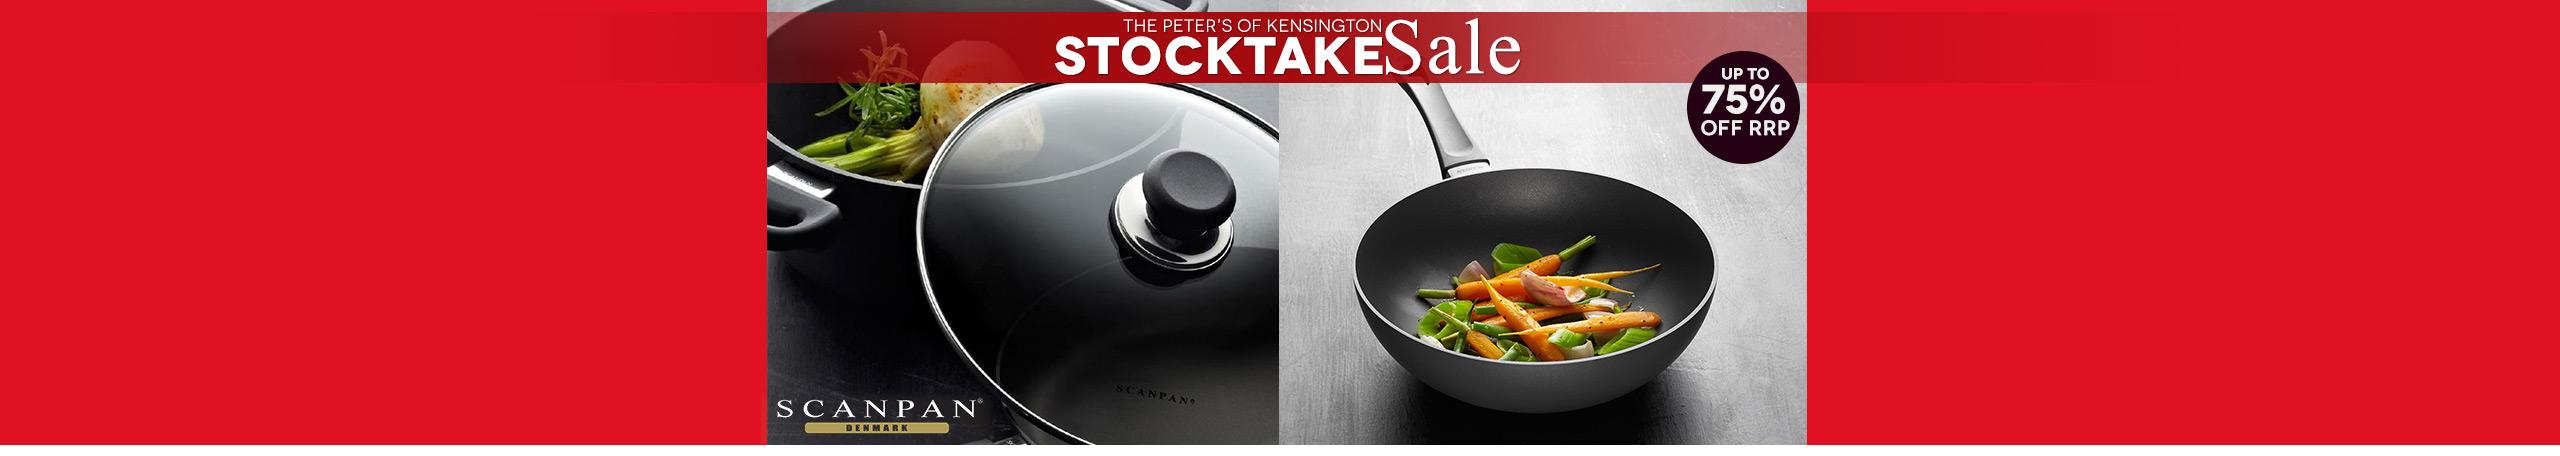 Stocktake Sale Scanpan